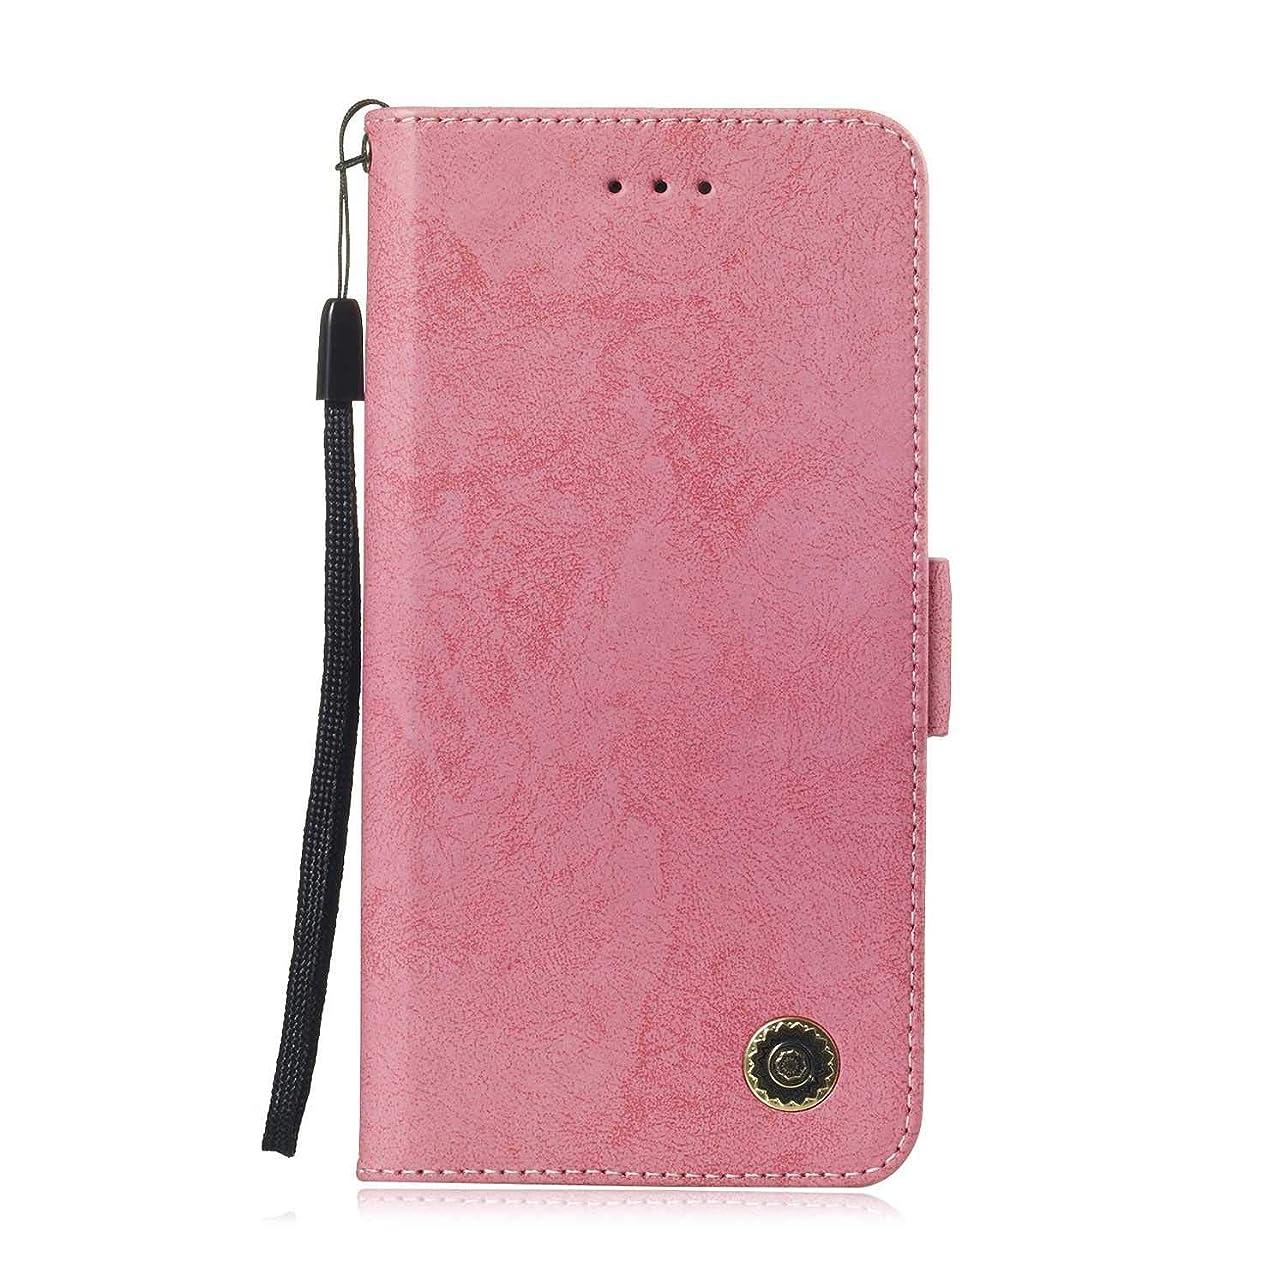 地理はしごアプトZeebox? Huawei Honor 8C 手帳型ケース Huawei Honor 8C 手帳型カバー 財布型 合皮PUレザー マグネット式 保護ケース カード収納 スタンド 機能 (ピンク #3)